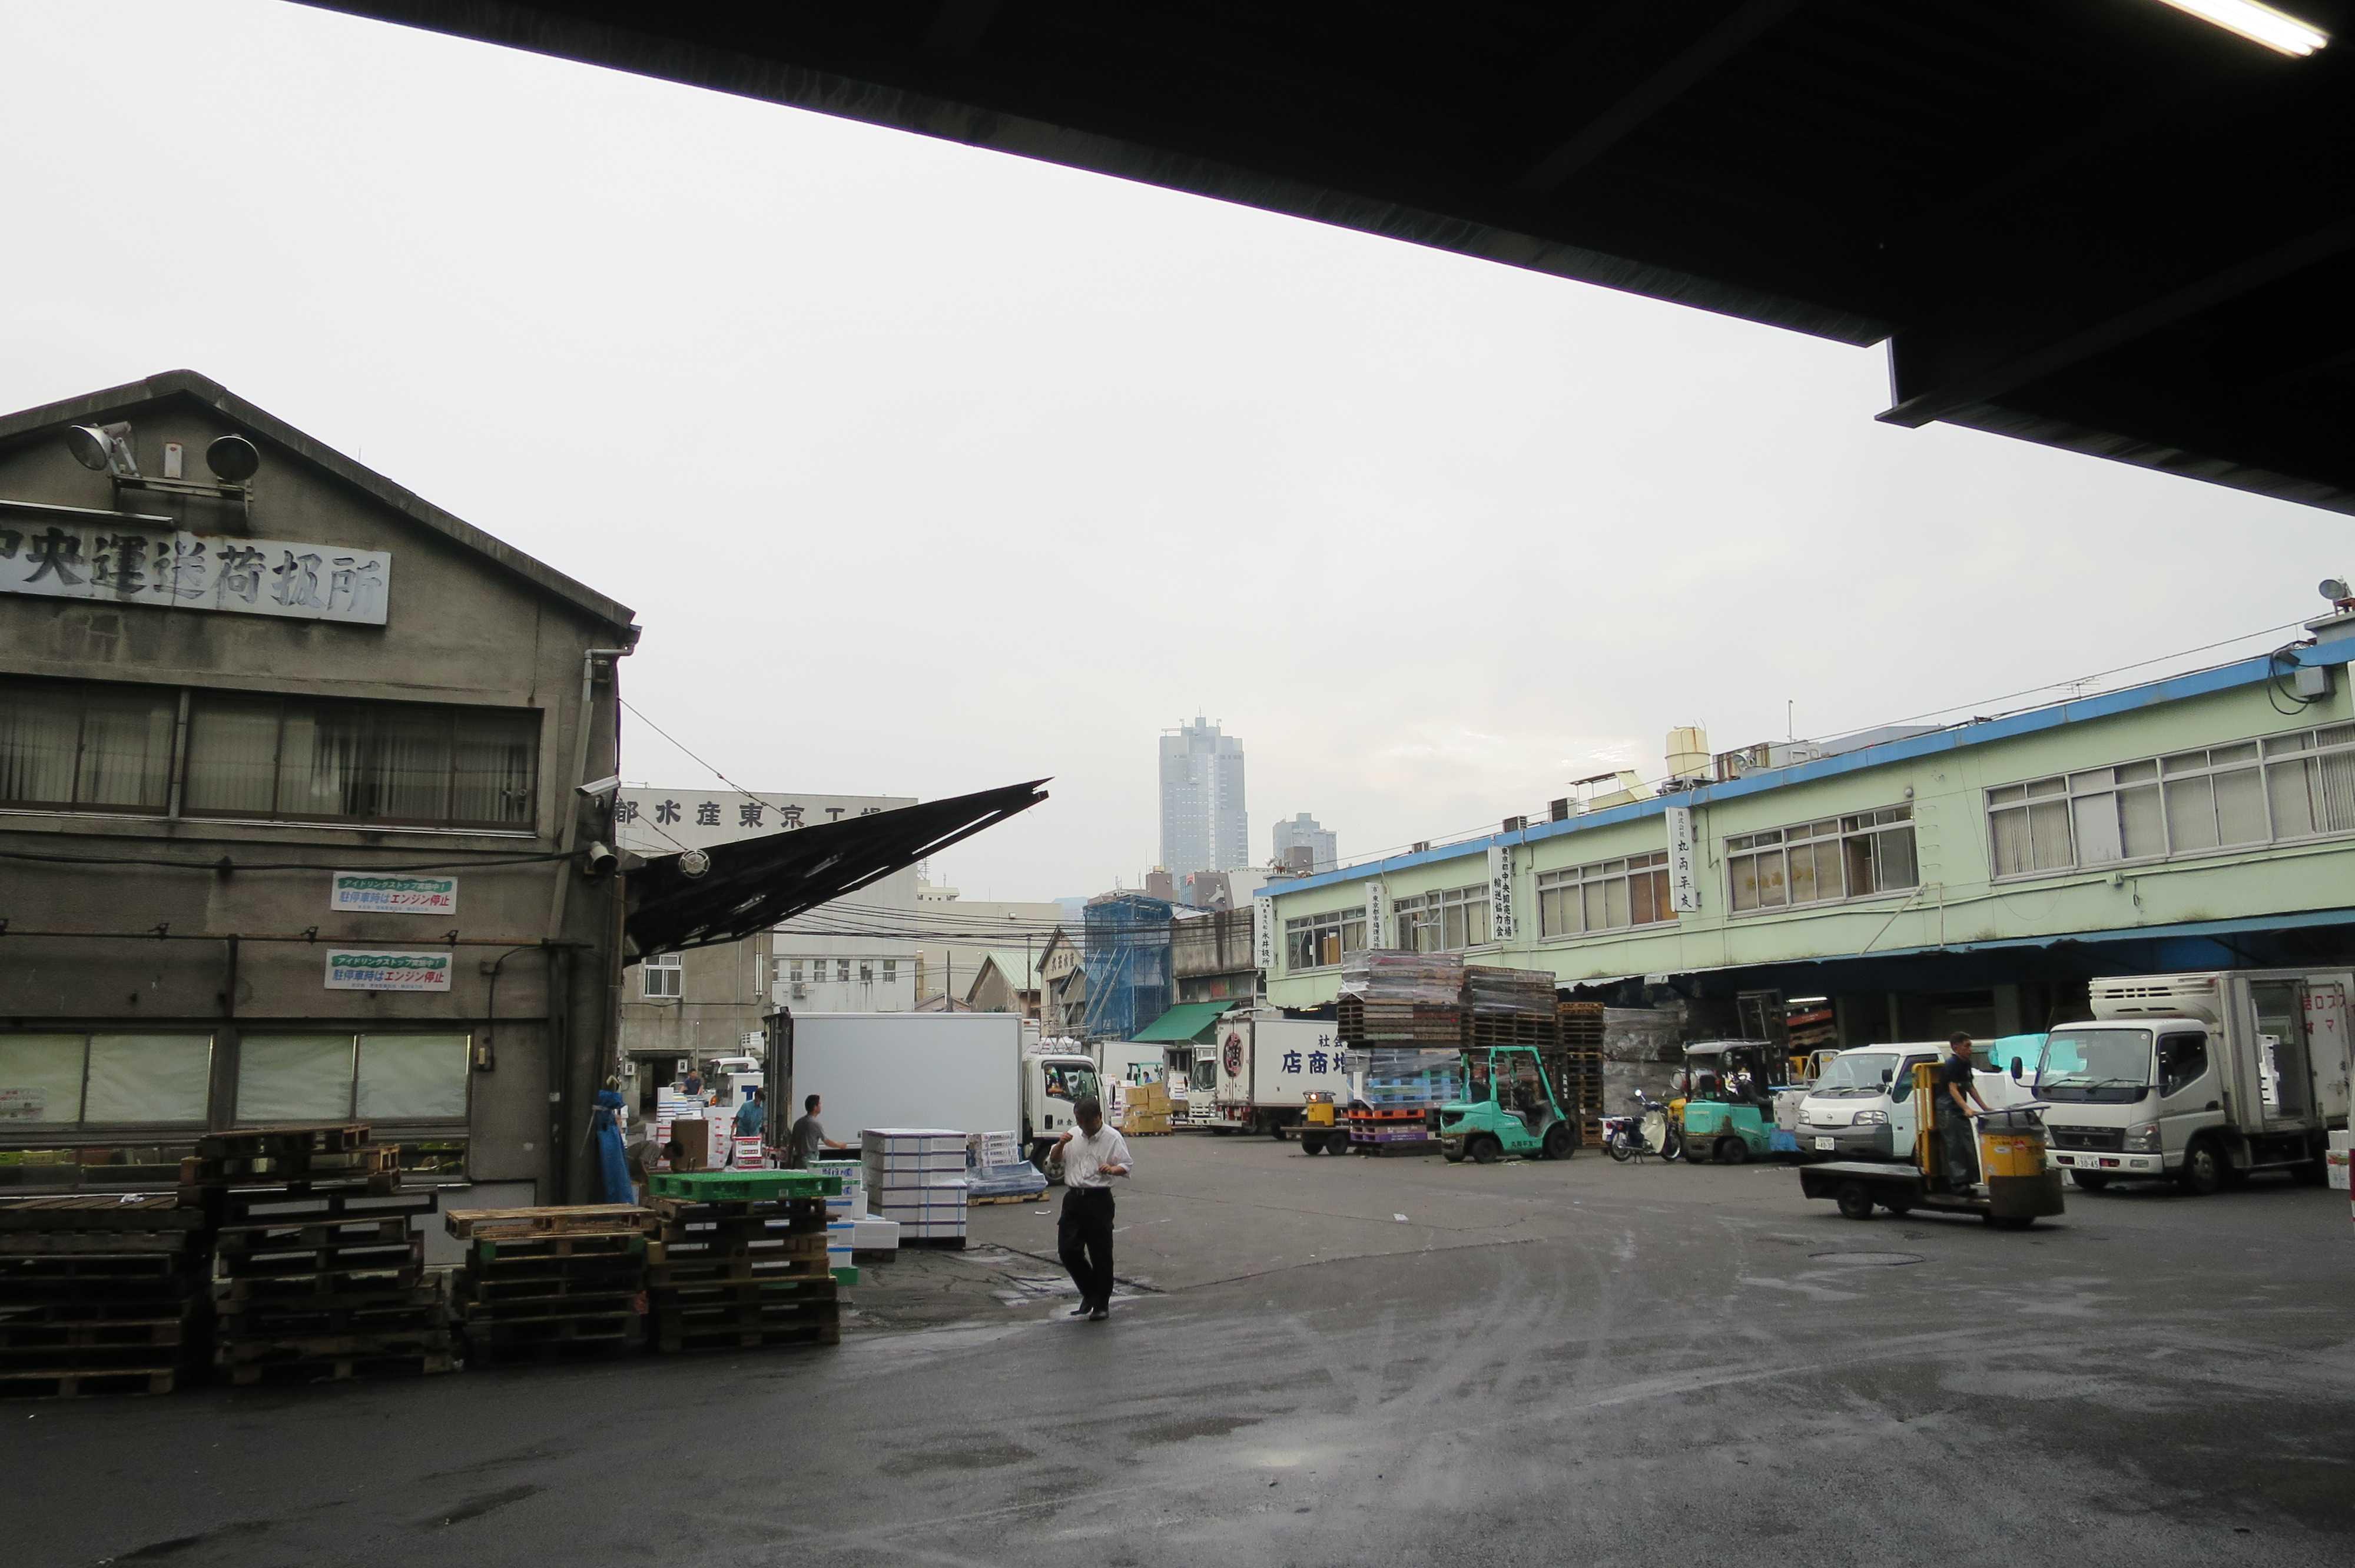 築地市場(場内) - 朝6時半頃の様子